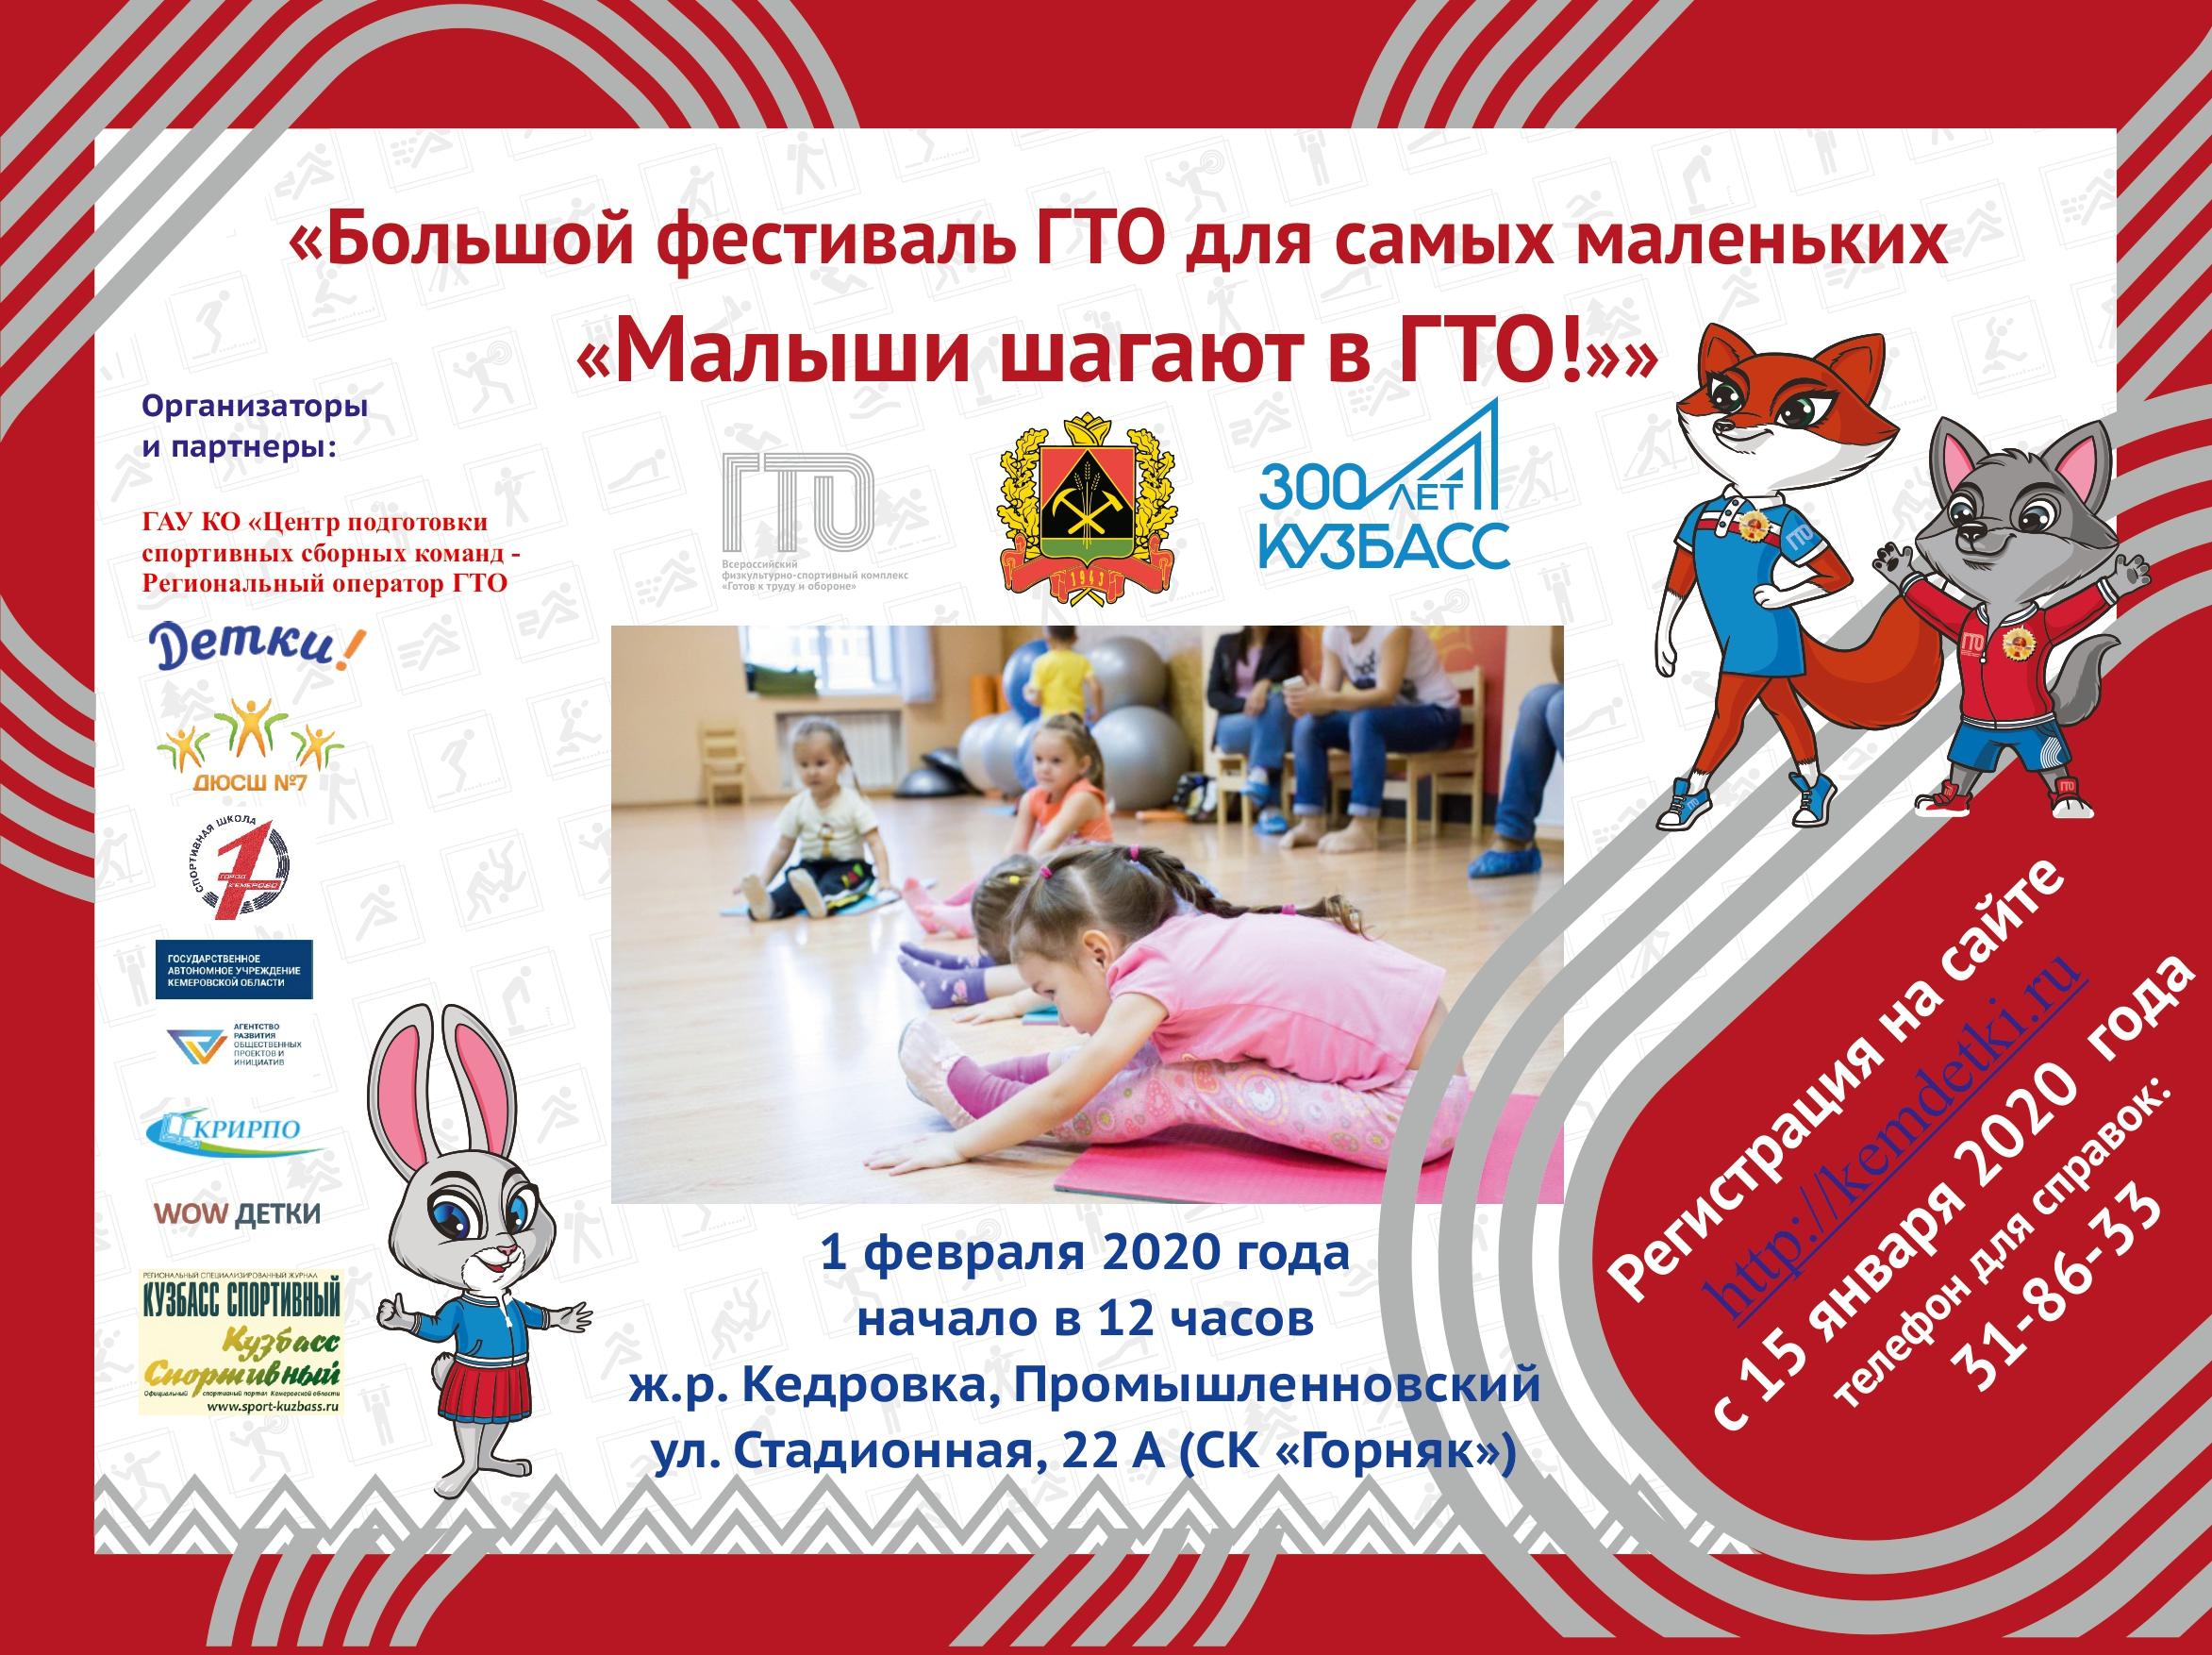 Большой фестиваль ГТО для самых маленьких «Малыши шагают в ГТО»